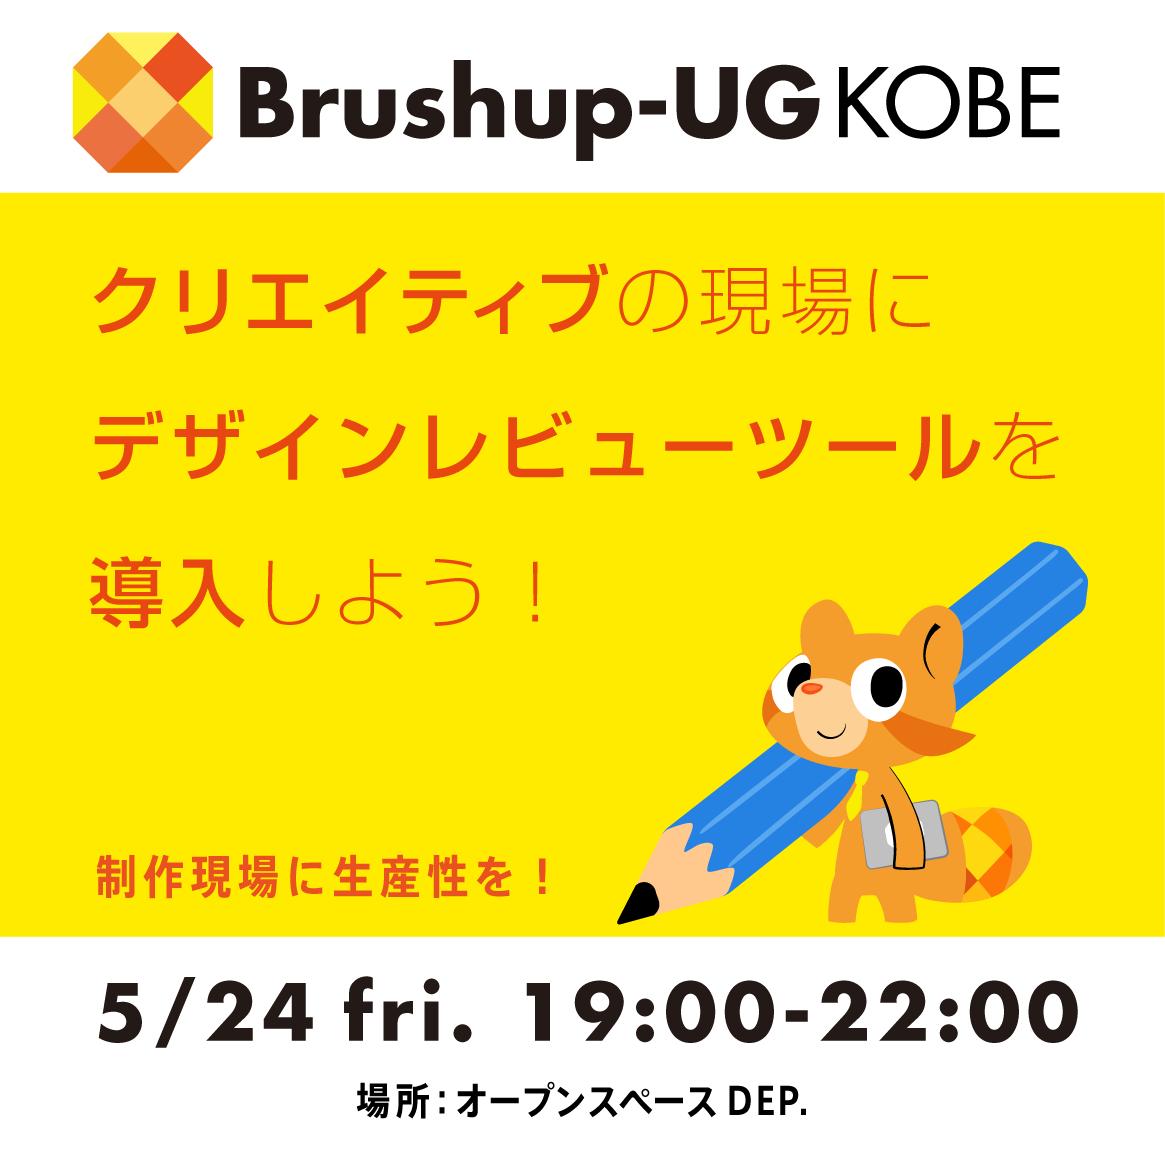 デザインレビューツールの勉強会「Brushup-UG @KOBE」 vol02を開催します